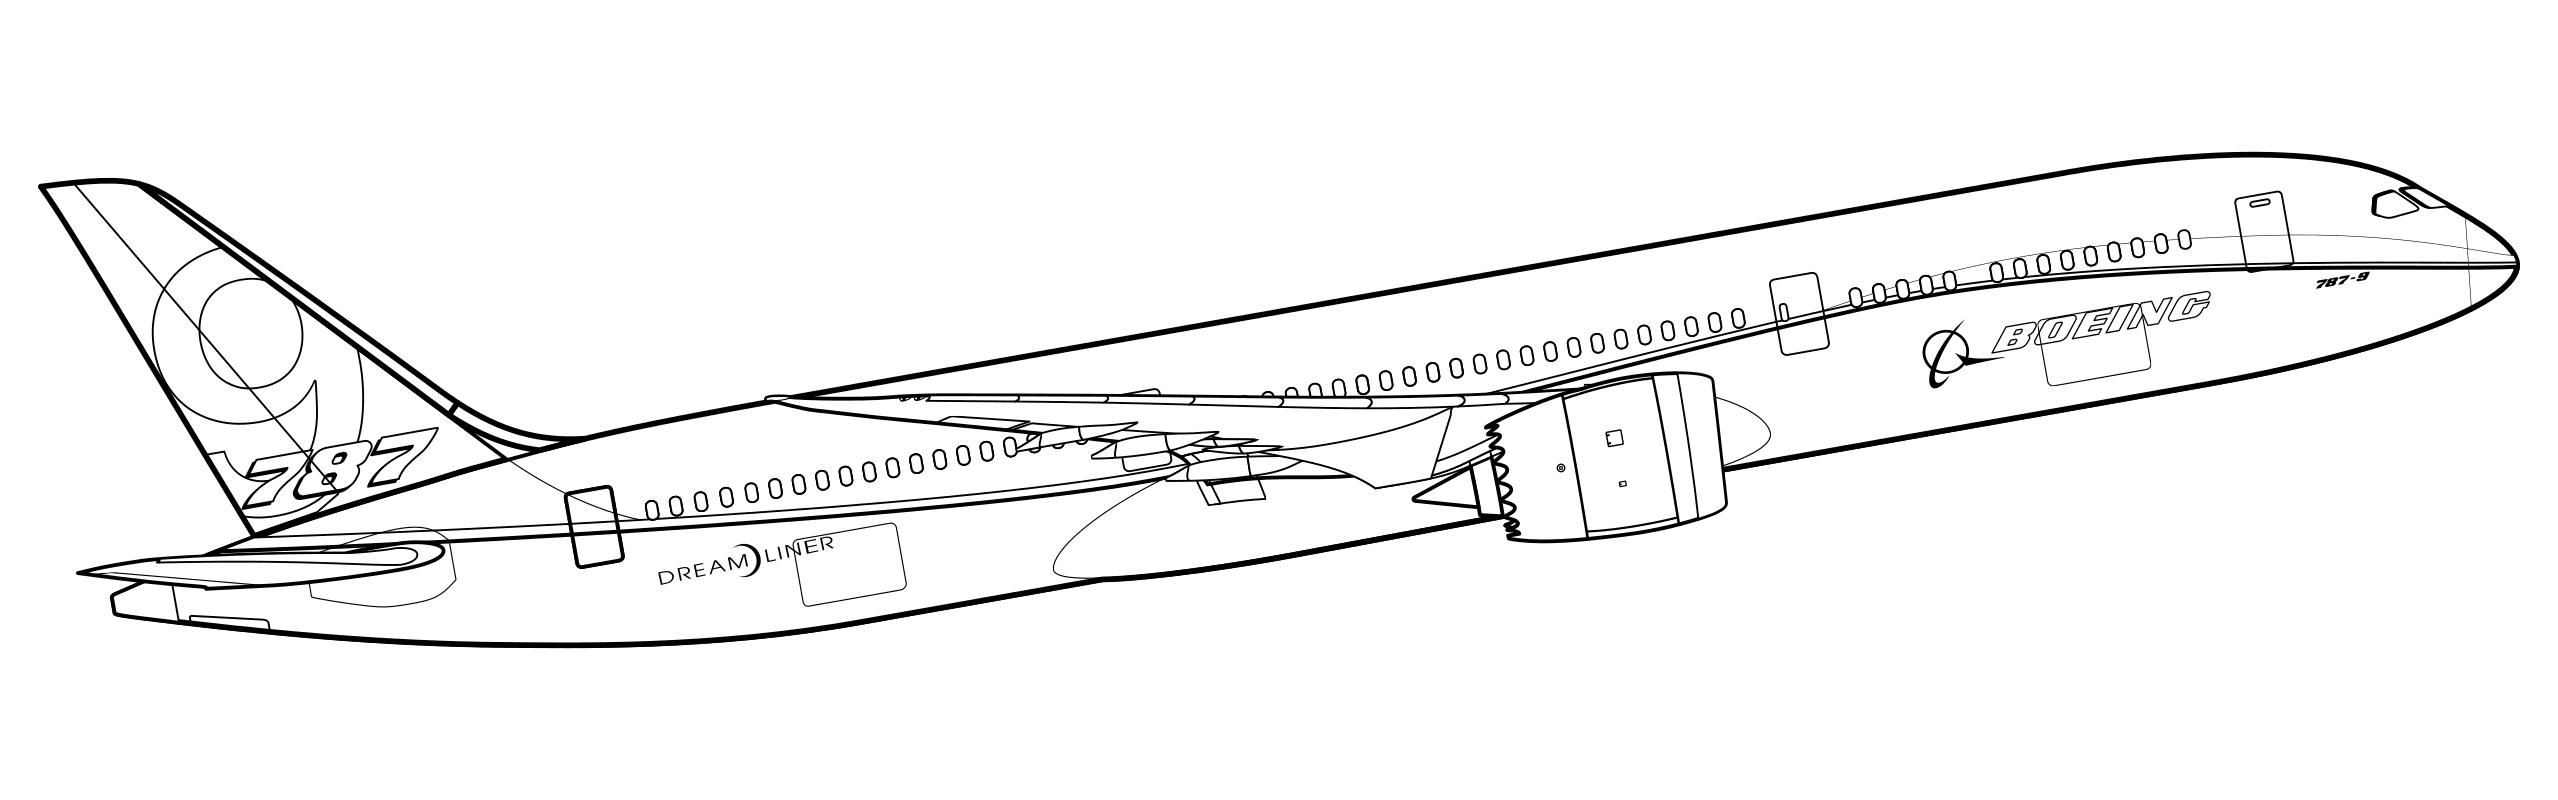 Раскраска Boeing 787-9 Dreamliner